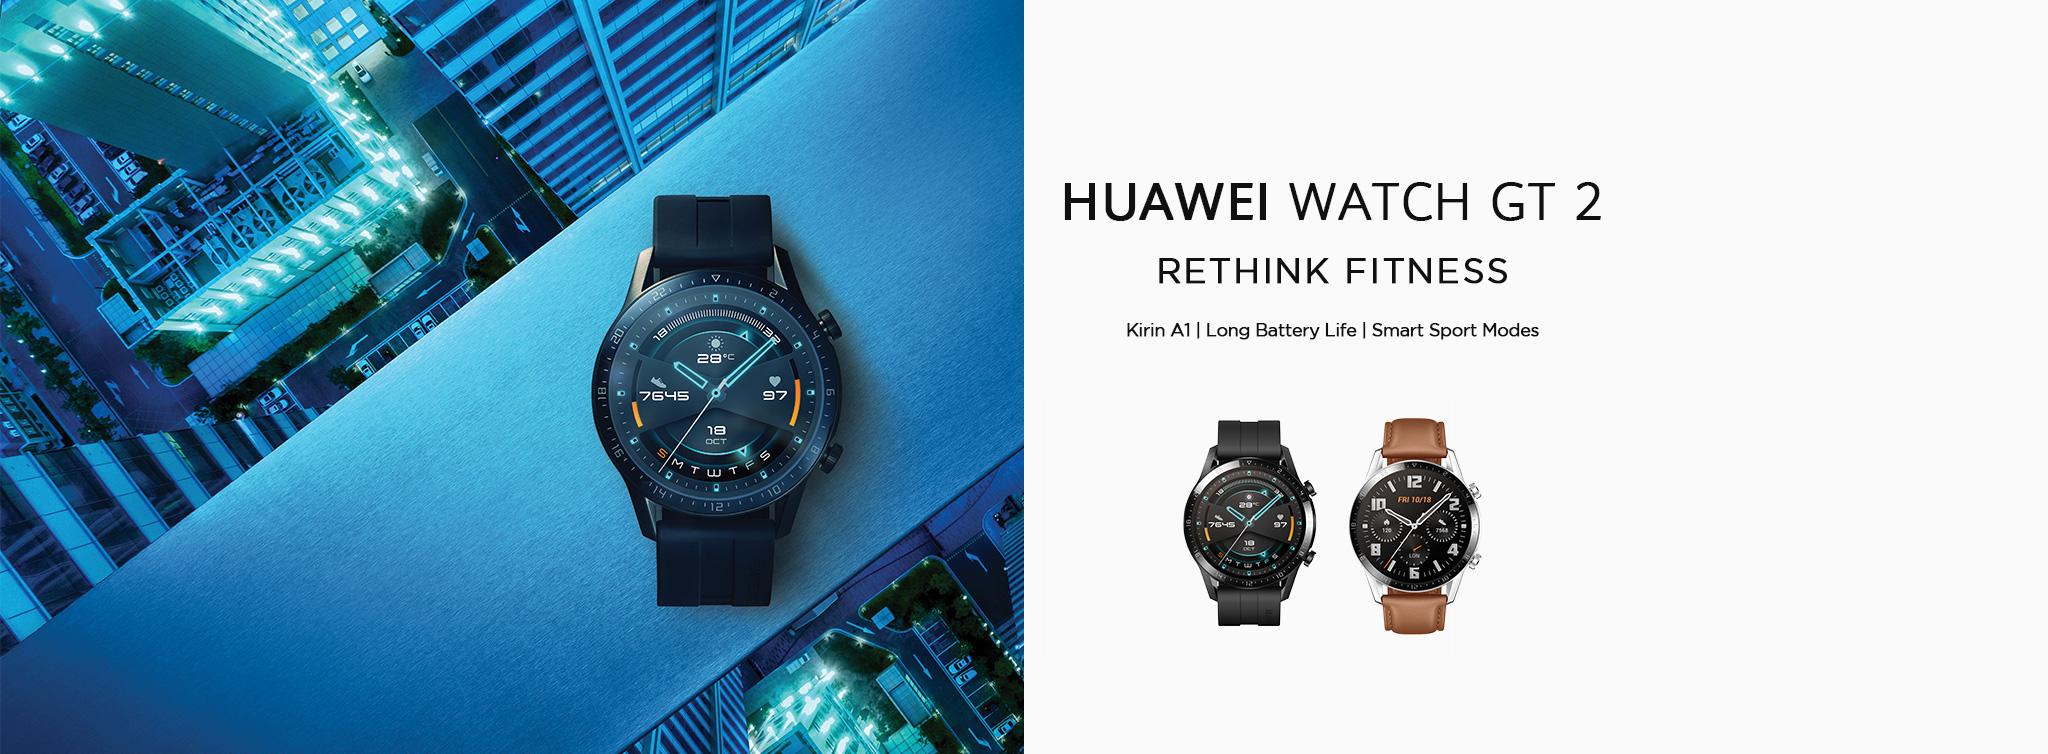 Huawei Watch Gt 2 Long Battery Life With Built In Gps Huawei Uk